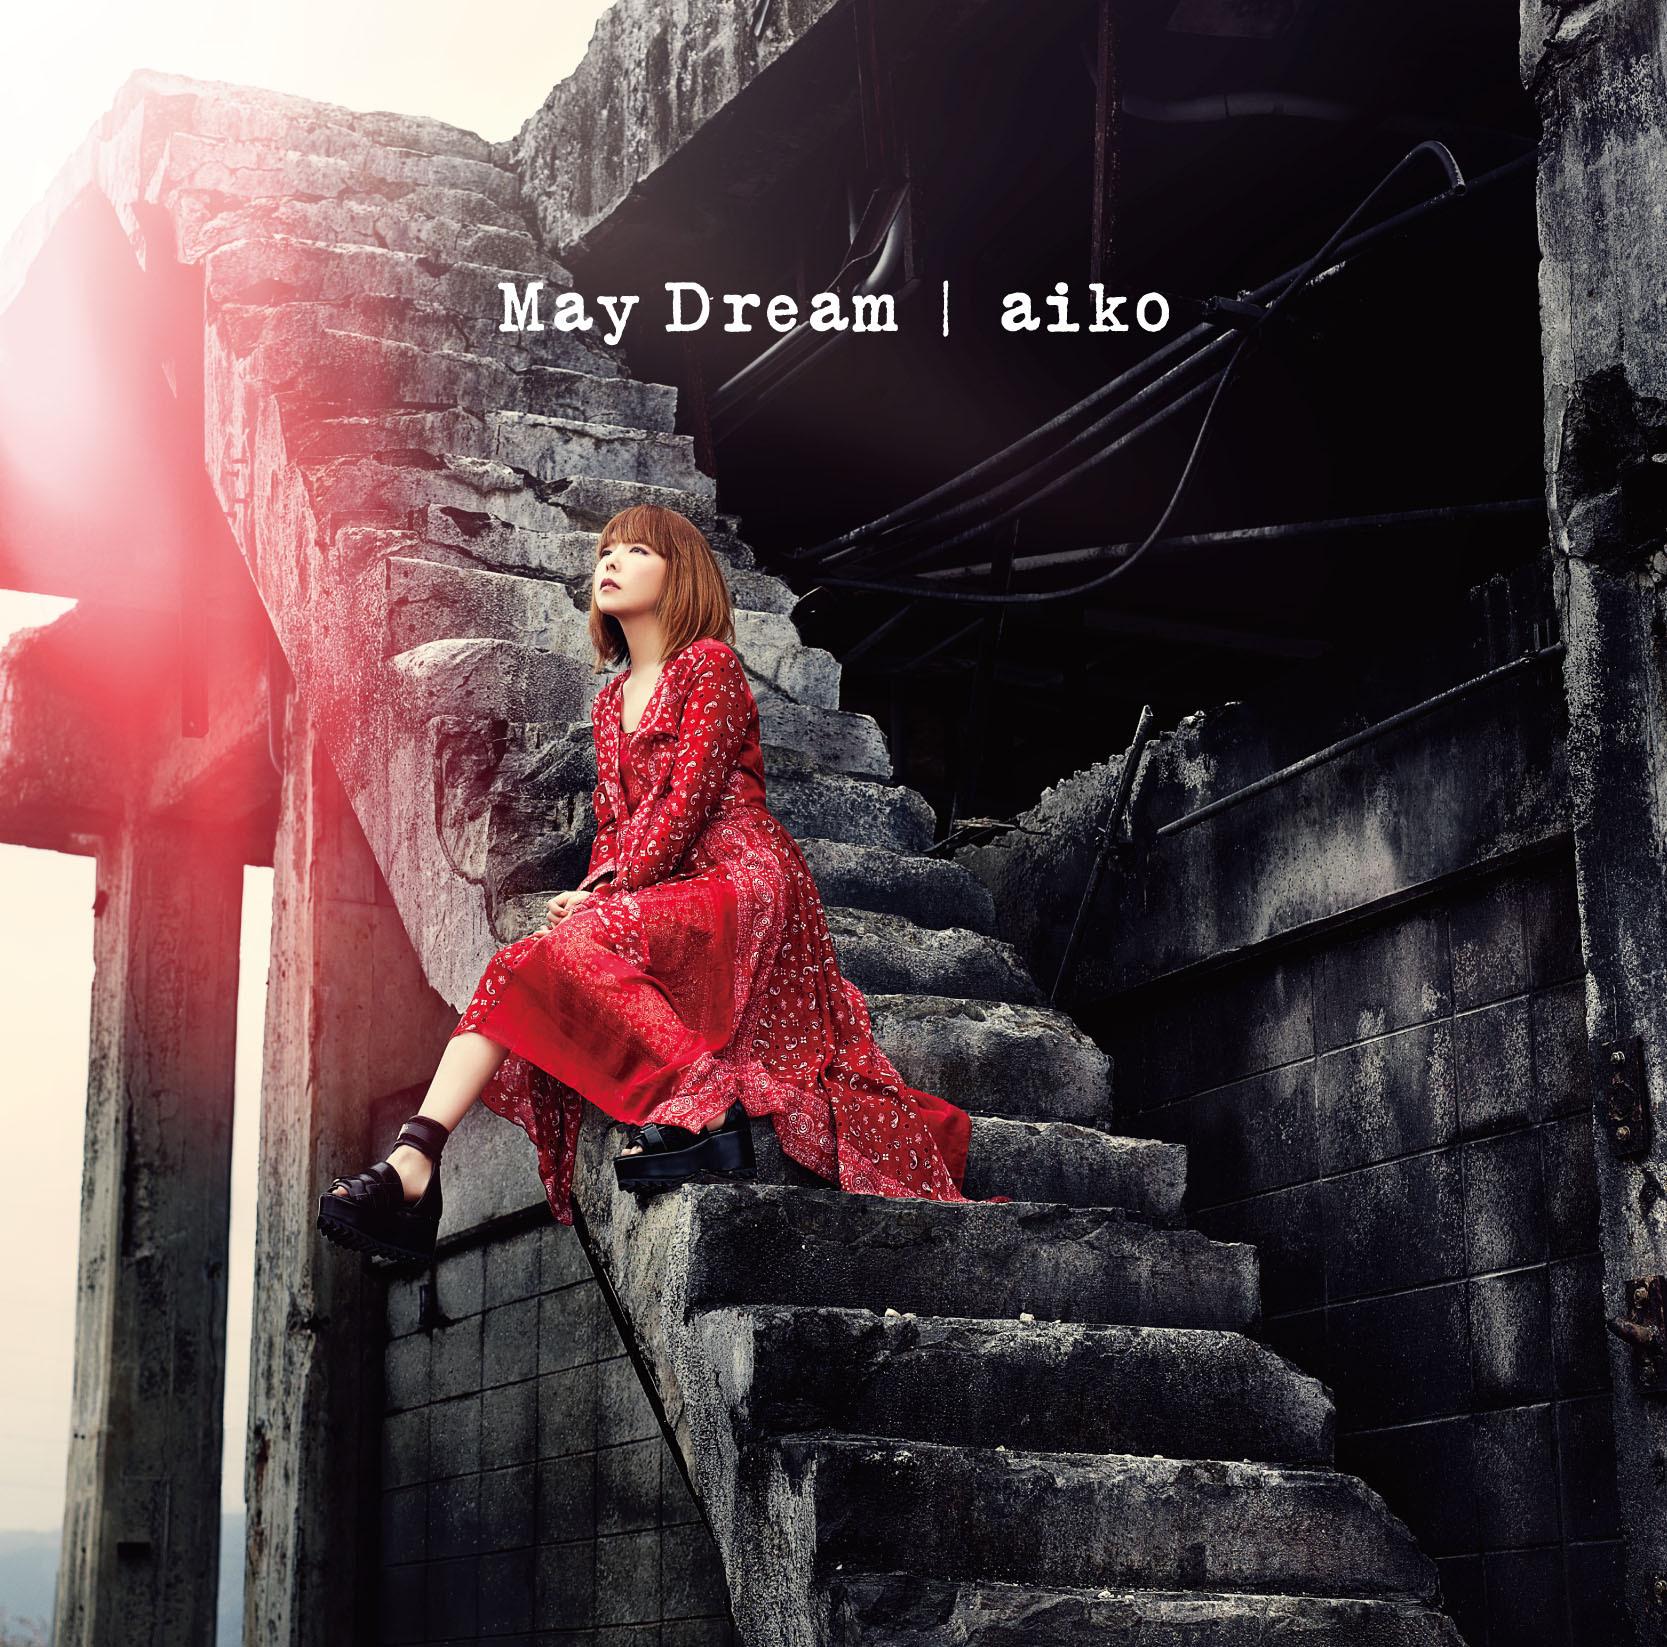 aiko (アイコ) 12thアルバム『May Dream』(初回限定仕様盤) 高画質ジャケット画像